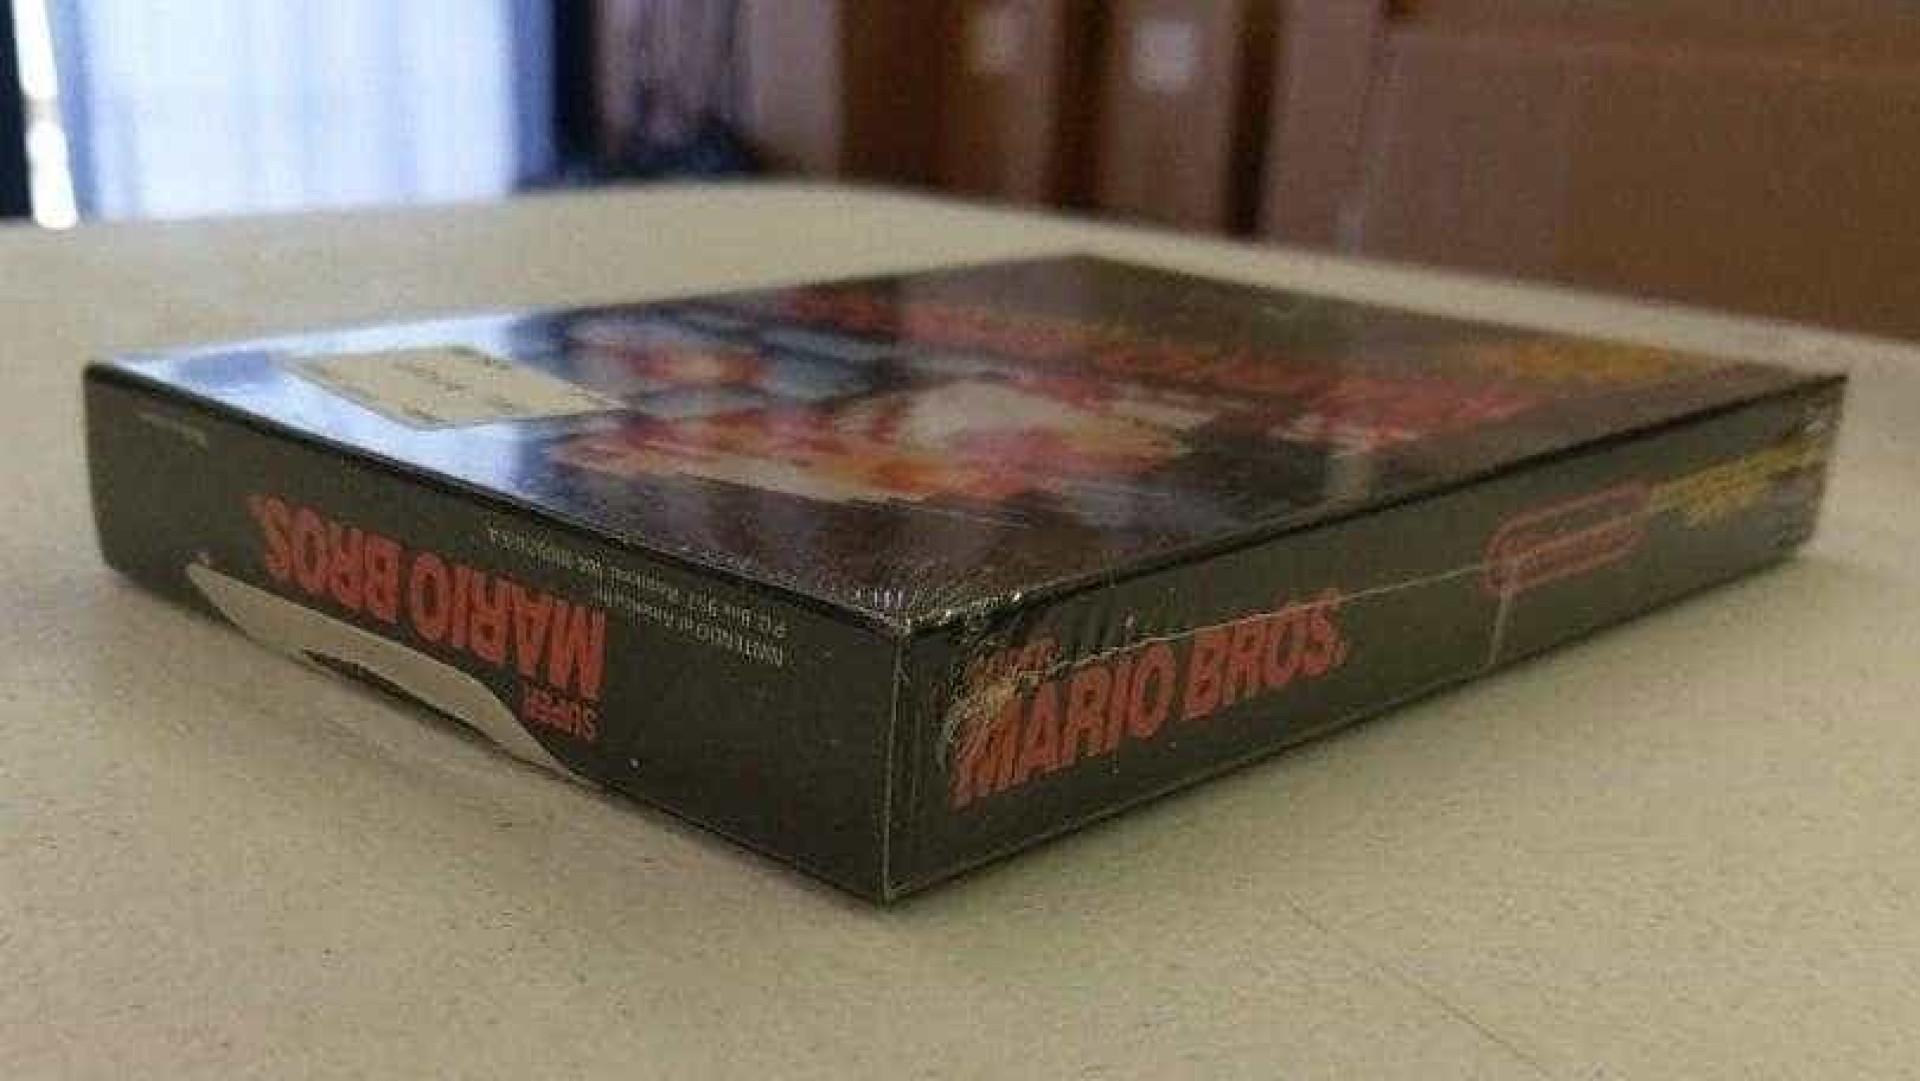 Cópia de 'Super Mario' original vendida por mais de 30 mil dólares